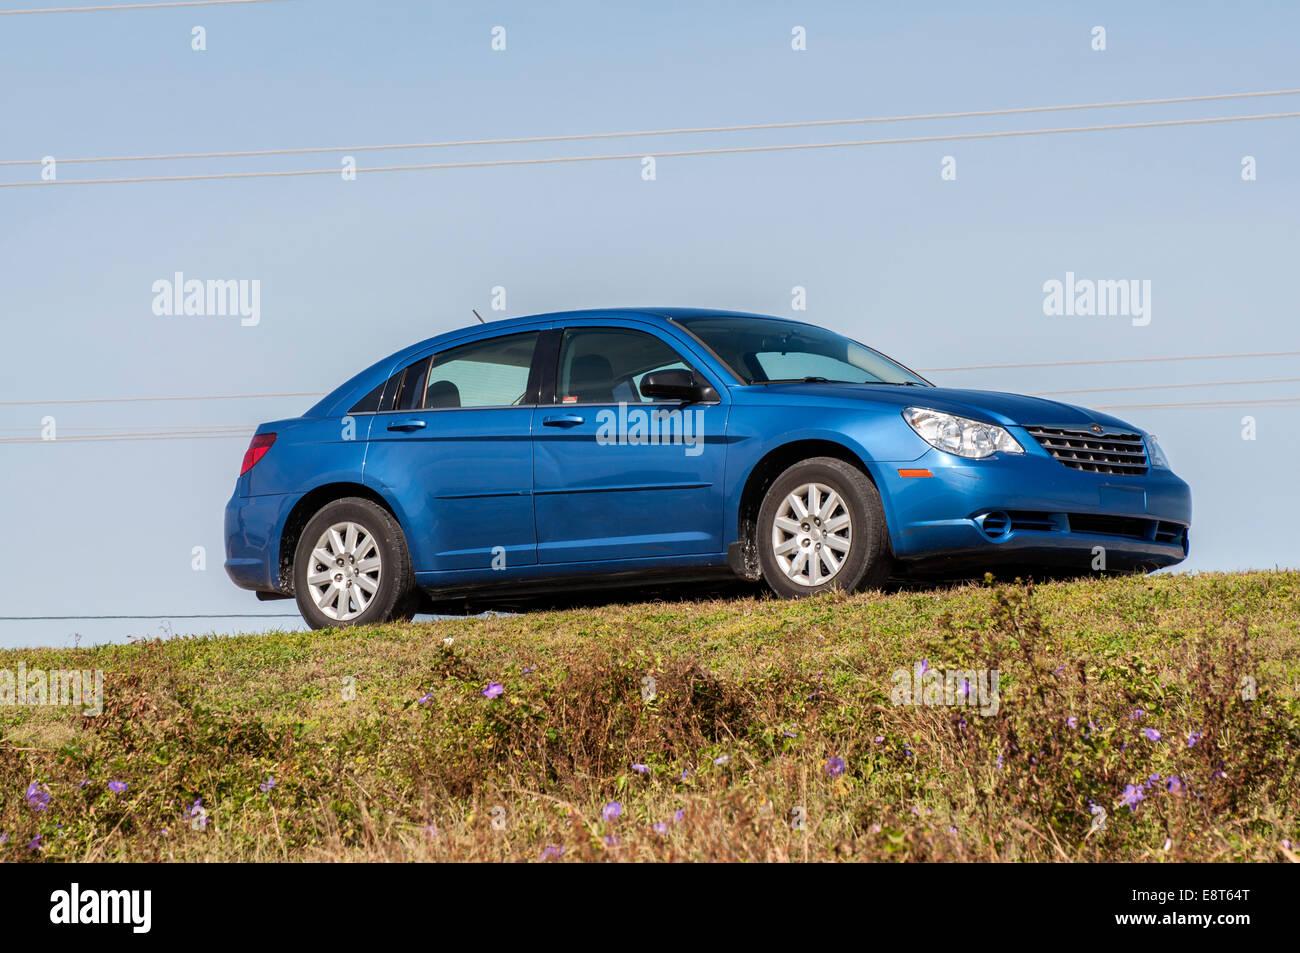 Chrysler Sebring Sedan azul a partir de 2008 en Florida, EE.UU. Imagen De Stock